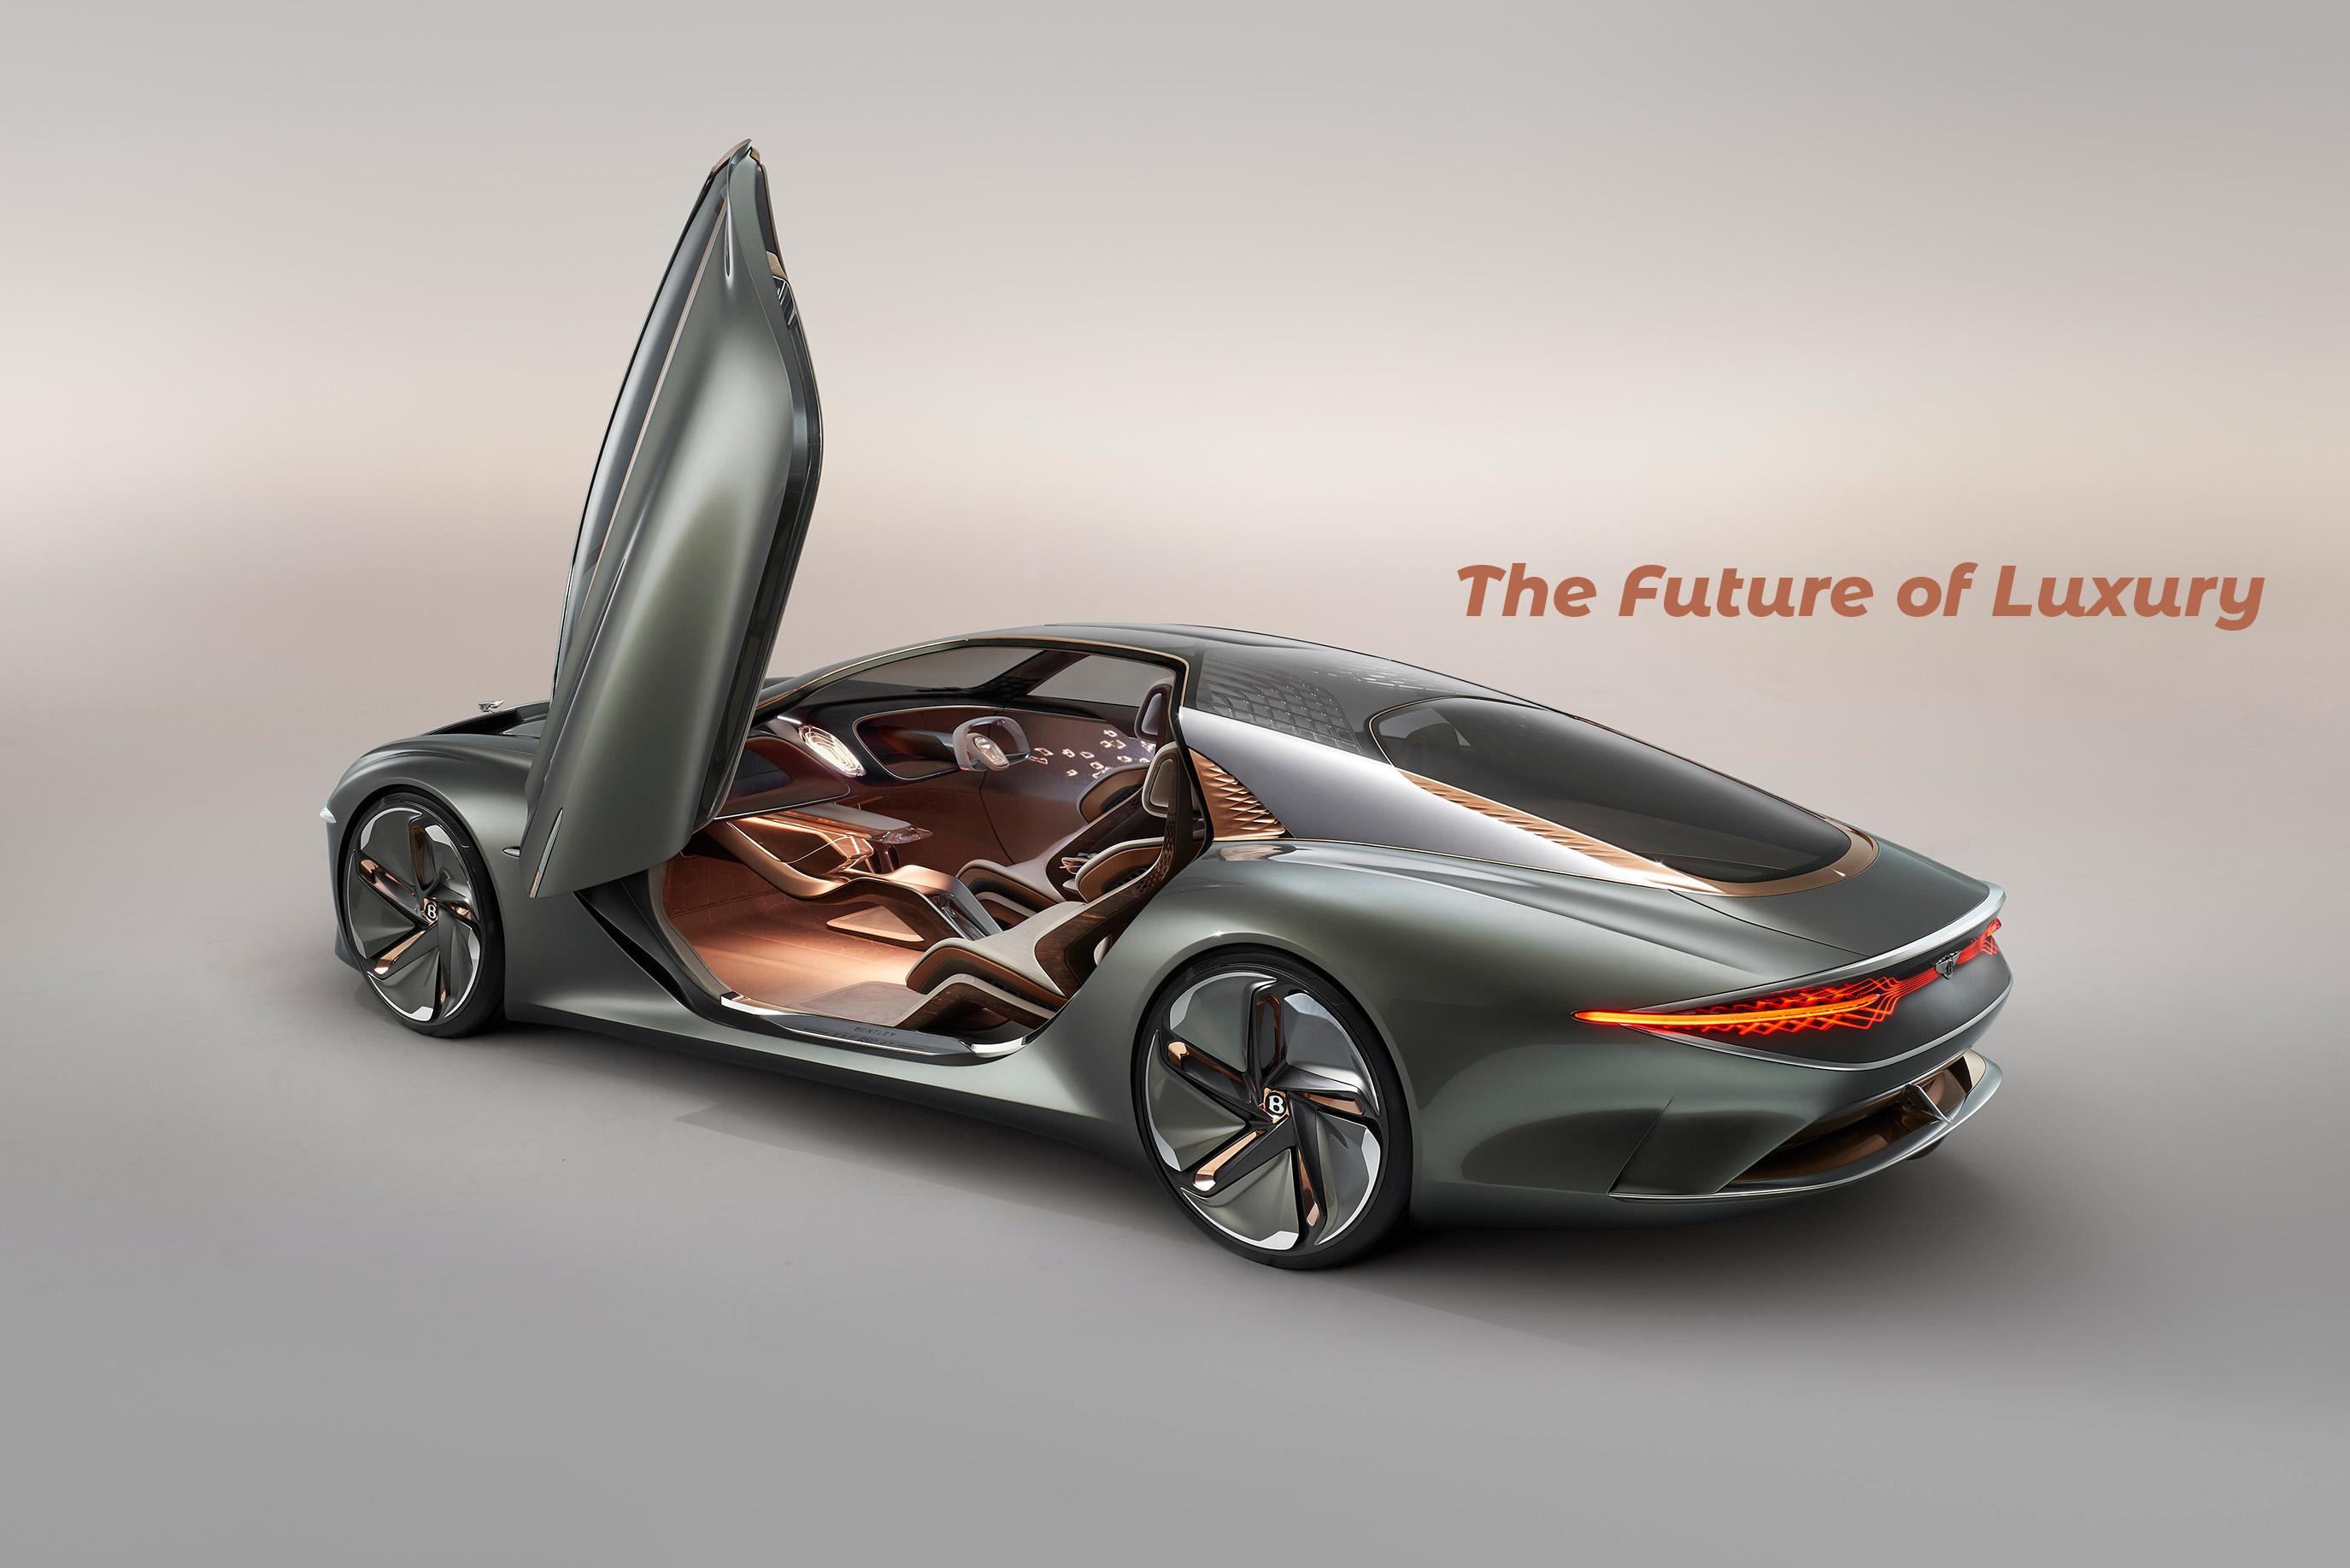 Bentley Announces Fully Electric Autonomous Grand Tourer - EXP 100 GT